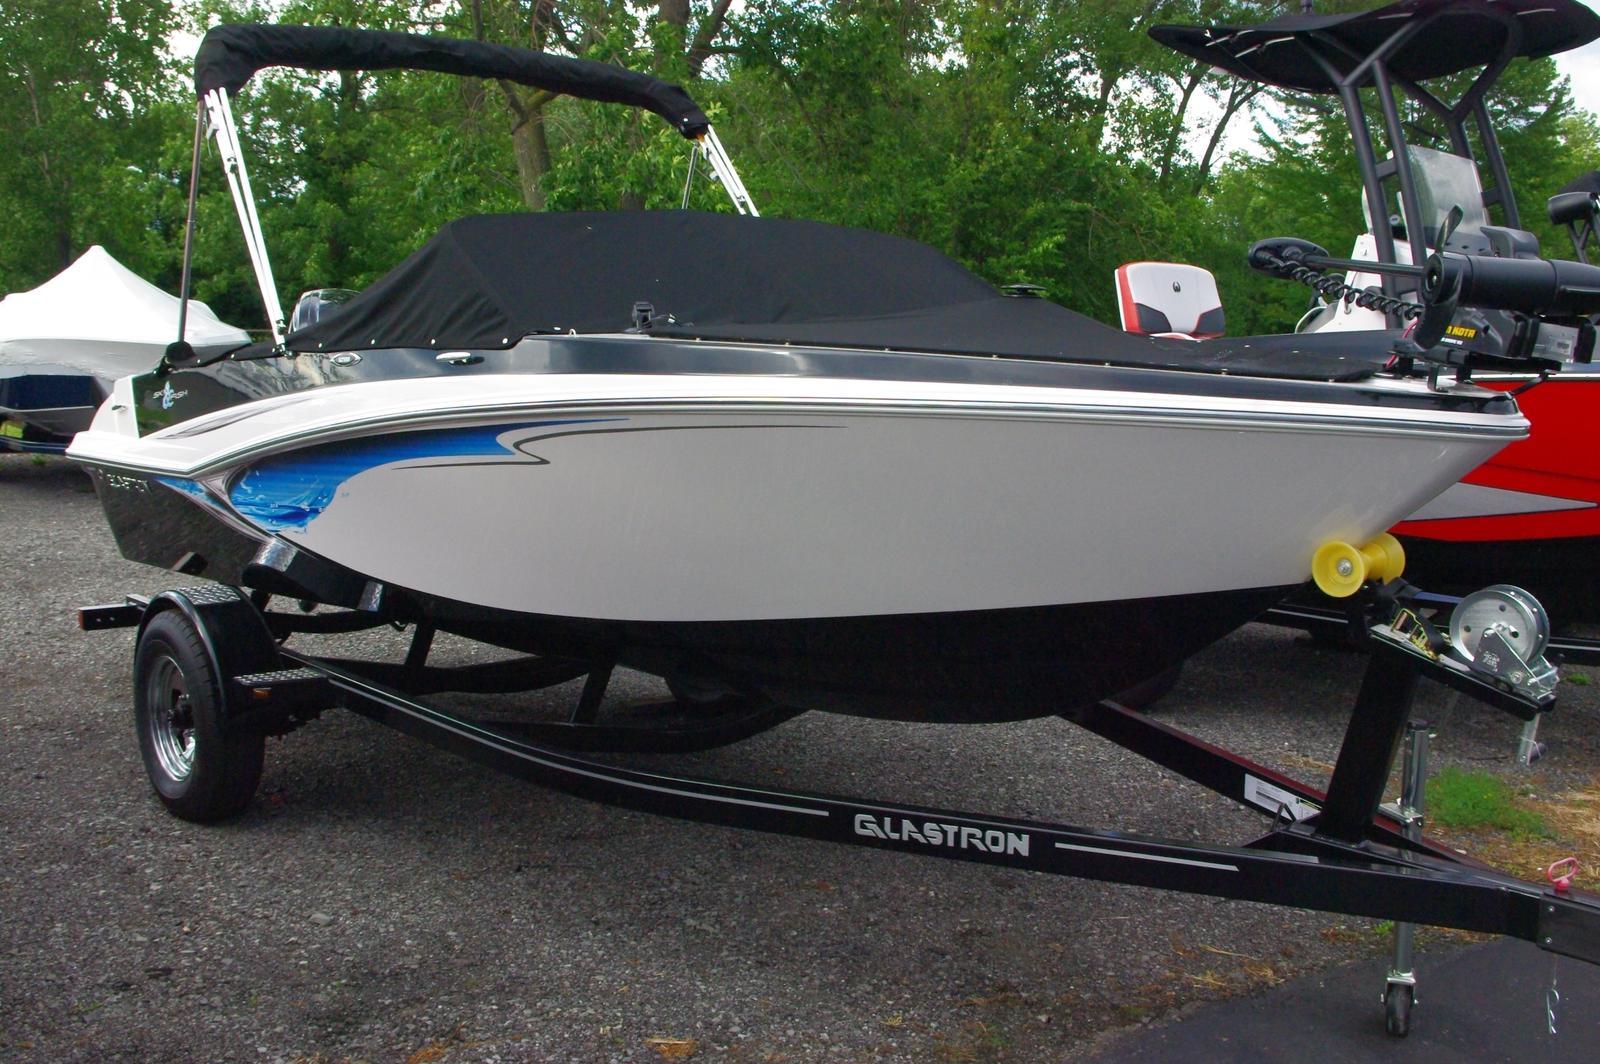 new 2017 glastron gtsf 180 fish and ski rochester ny 14626 rh boattrader com Glastron SX 175 Glastron Boat Parts